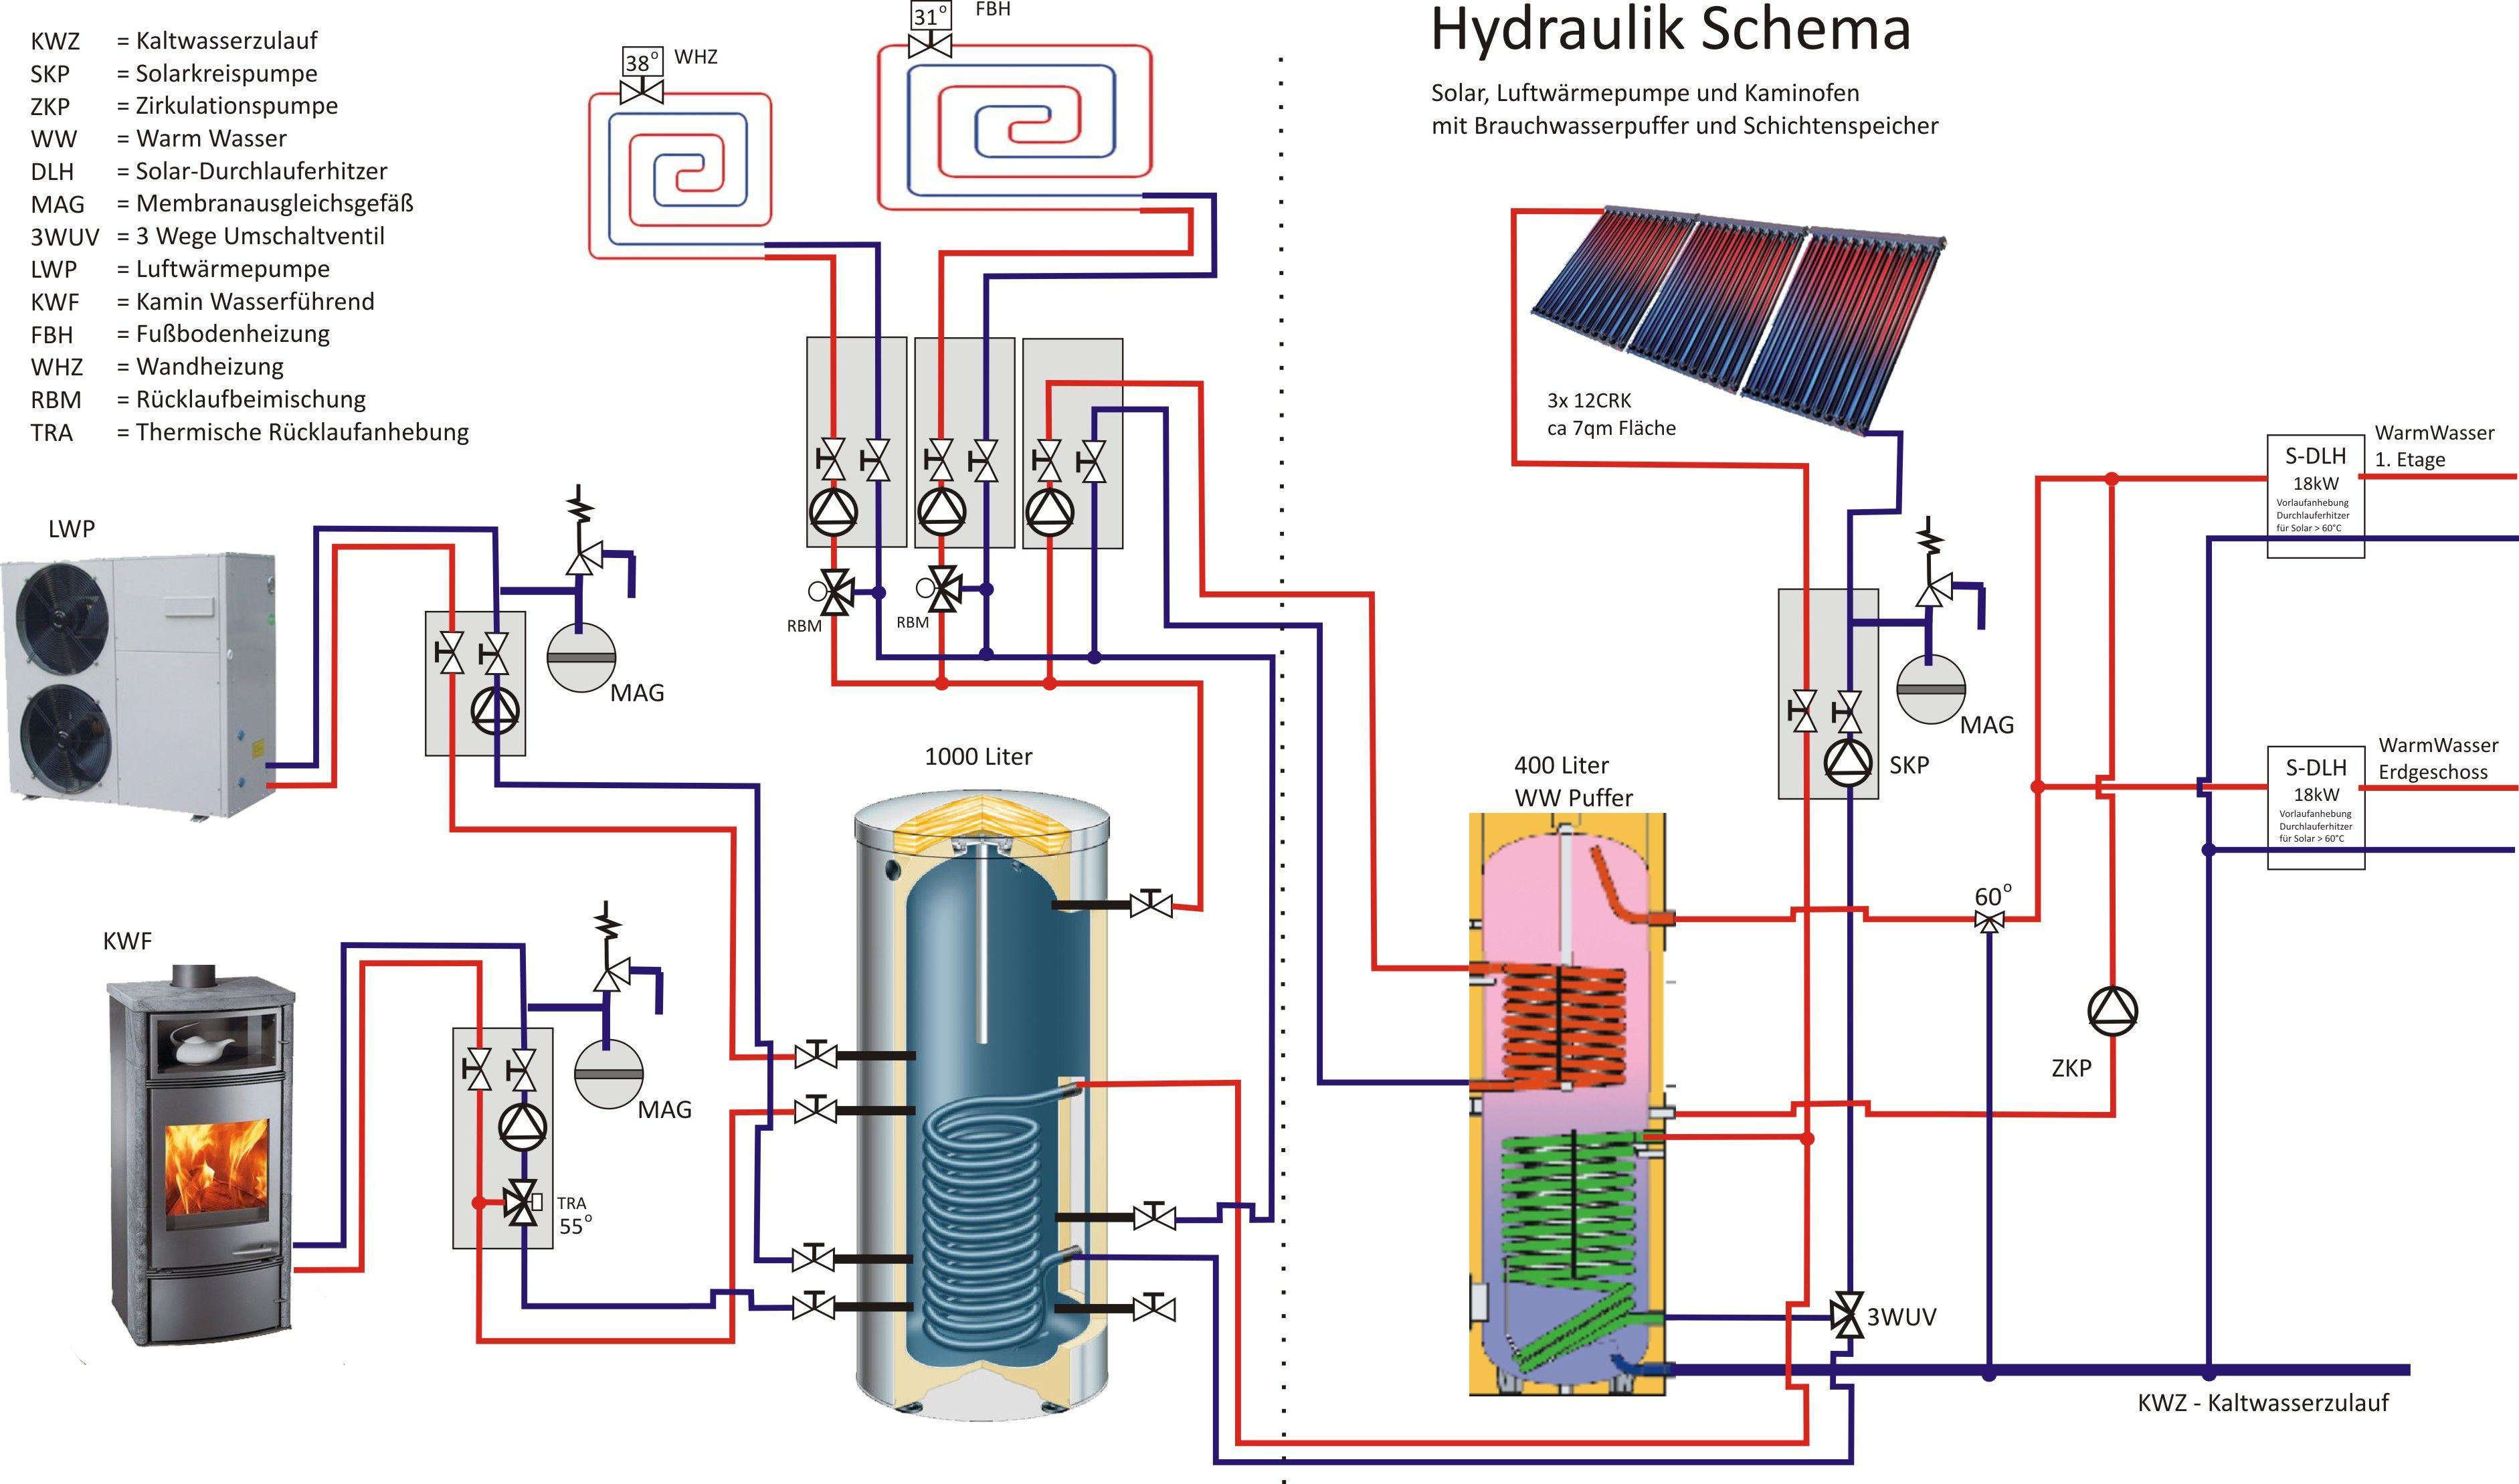 Heizflächen | Hydraulikschema | Pinterest